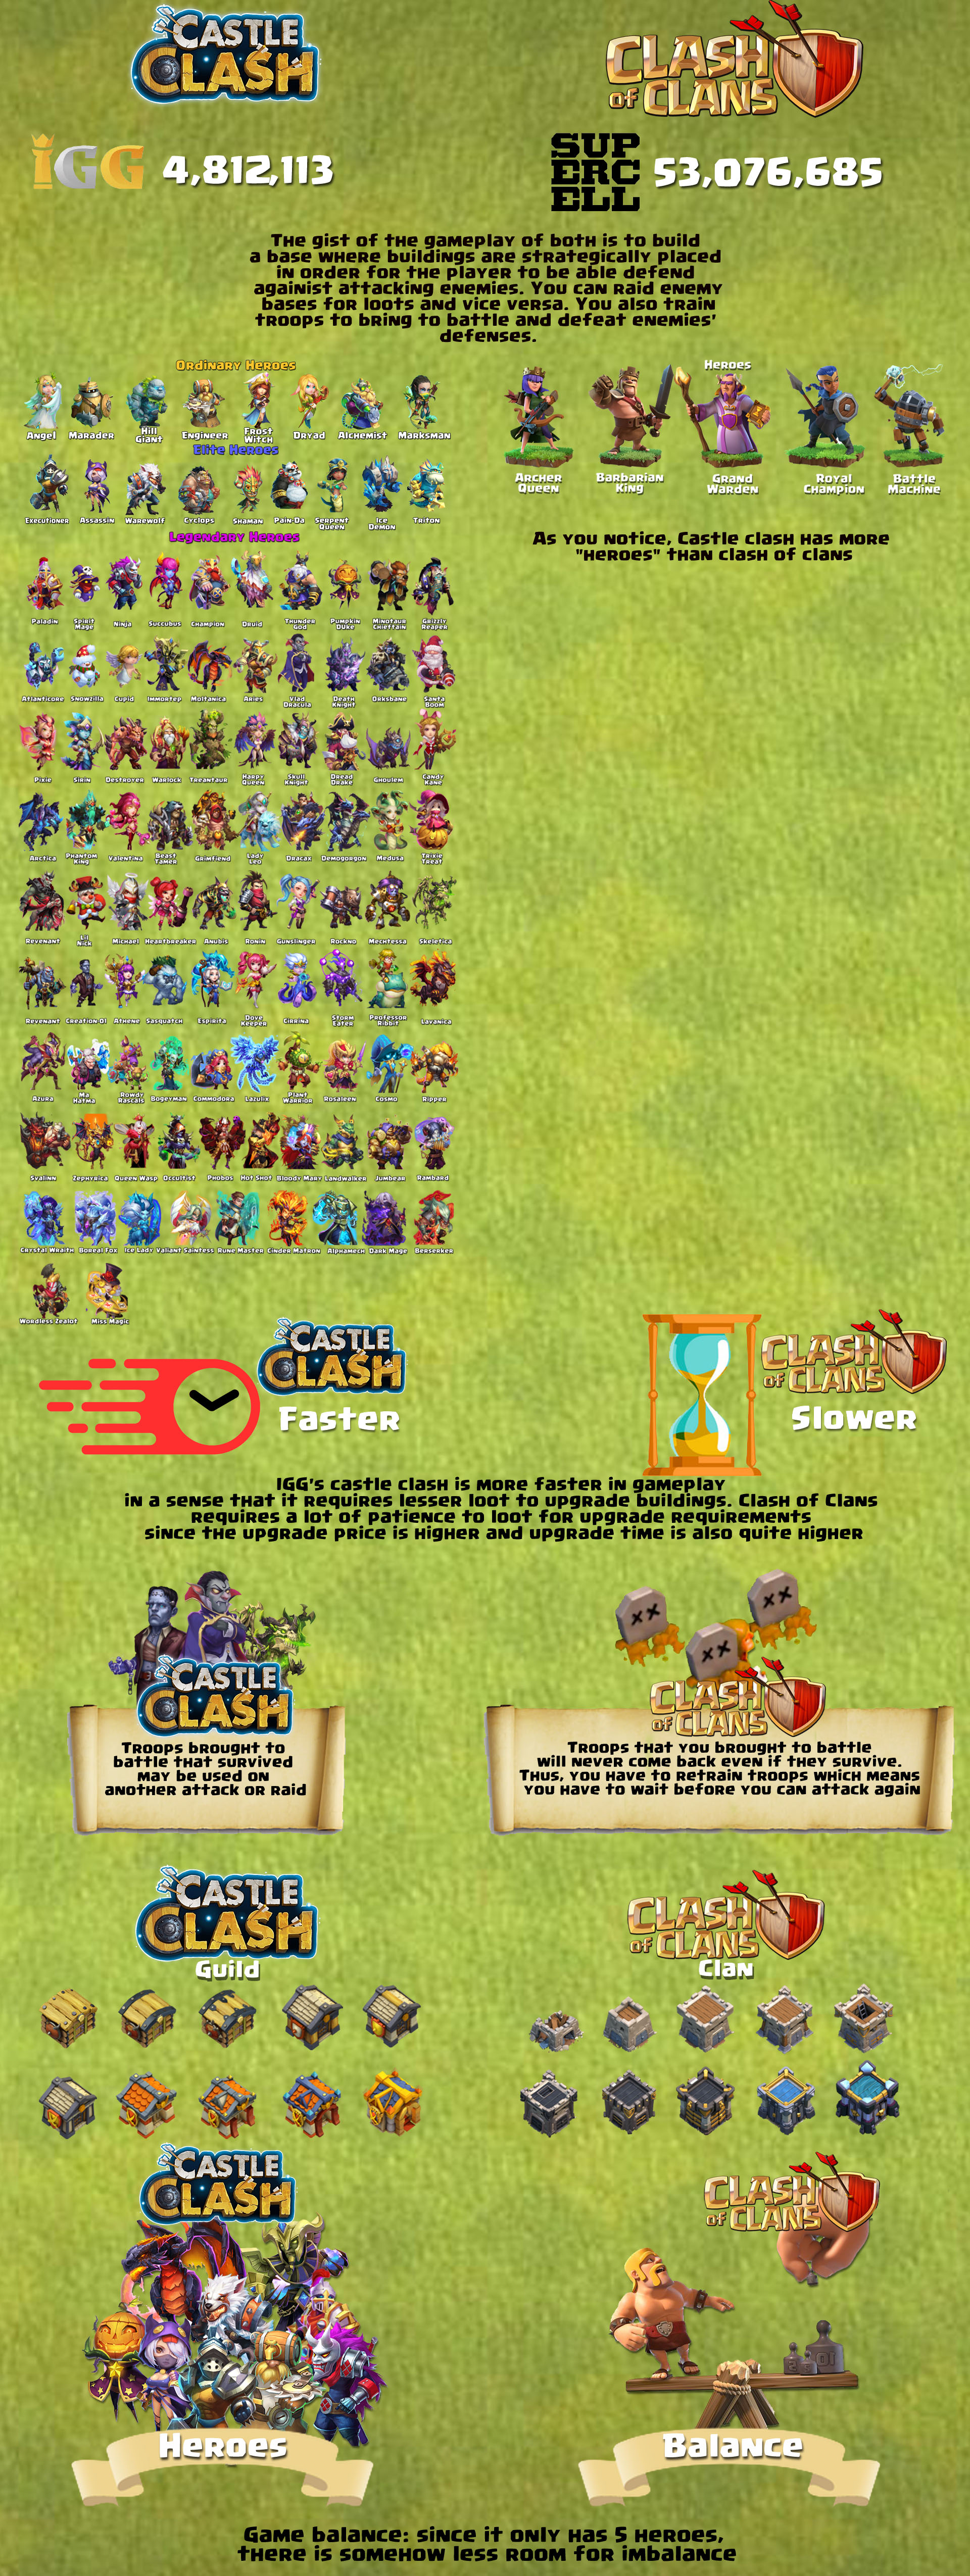 Castle Clash vs Clash of Clans Infographic